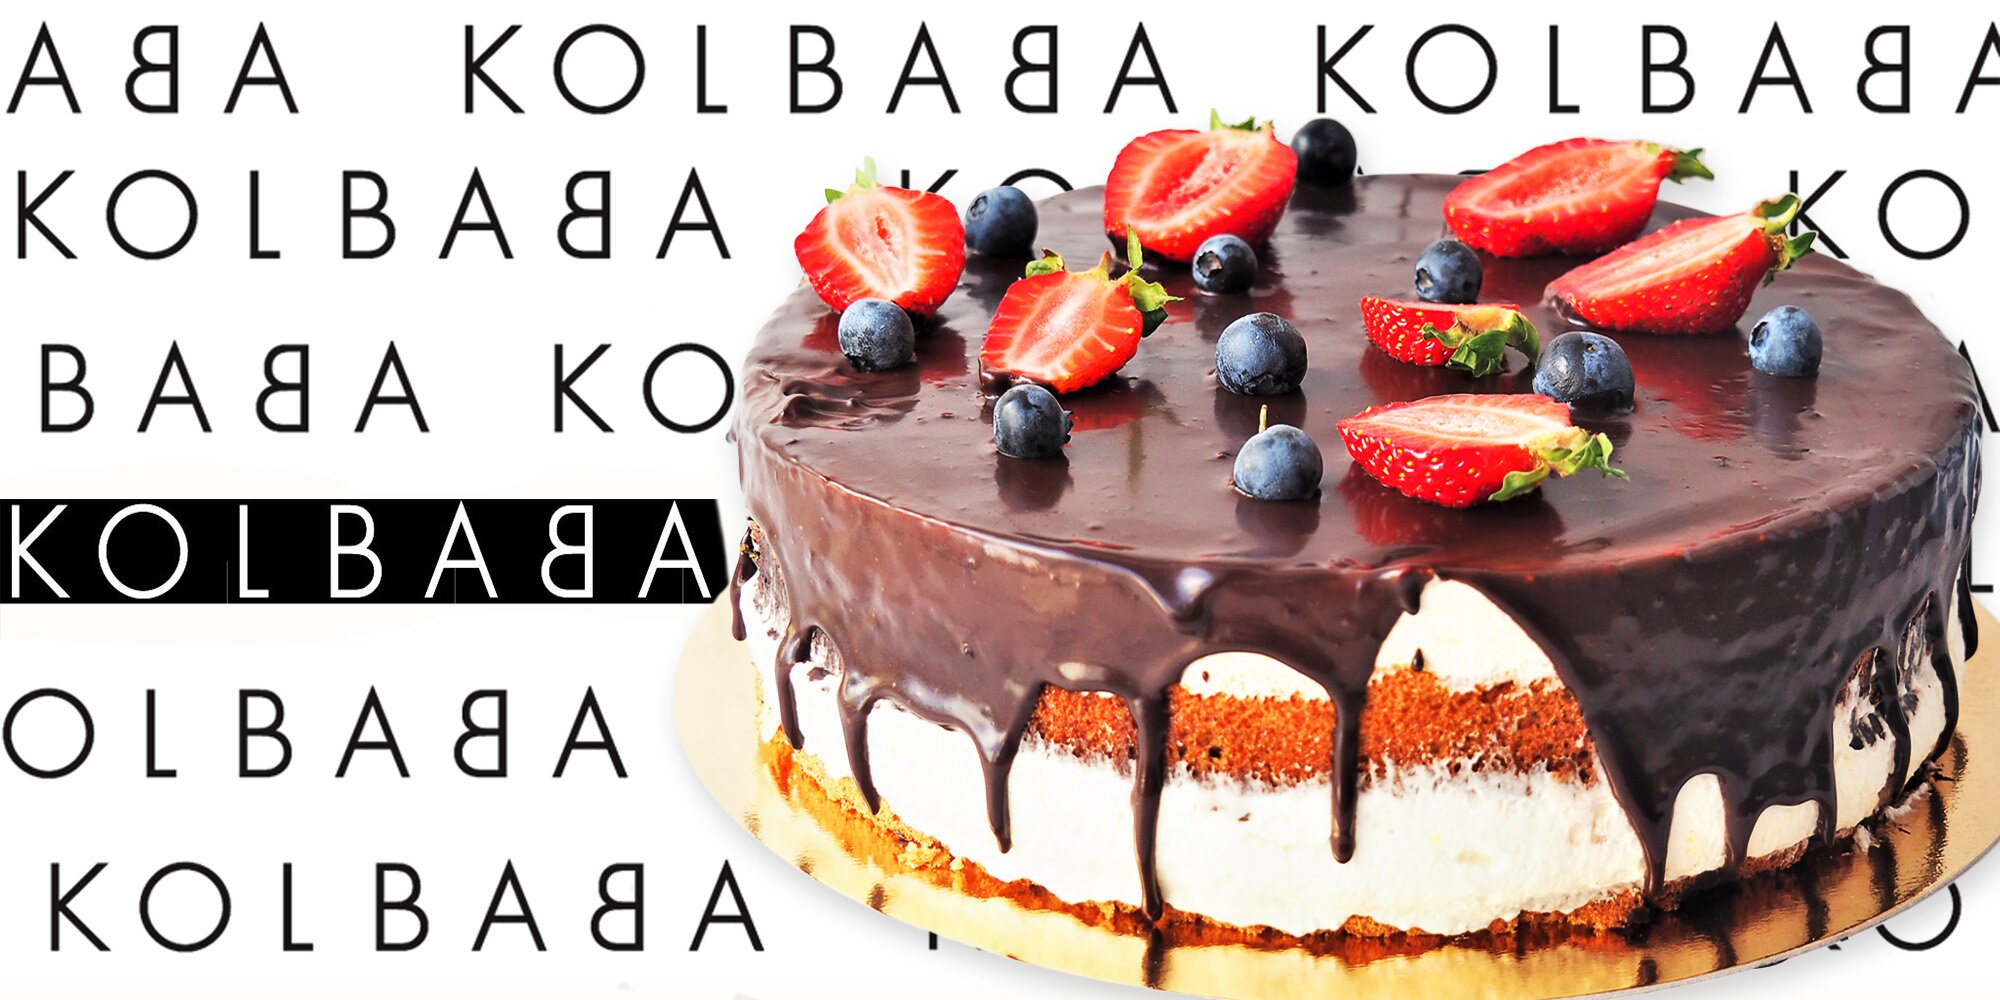 ac21394655 Tvarohový Míša nebo dort s lesním ovocem